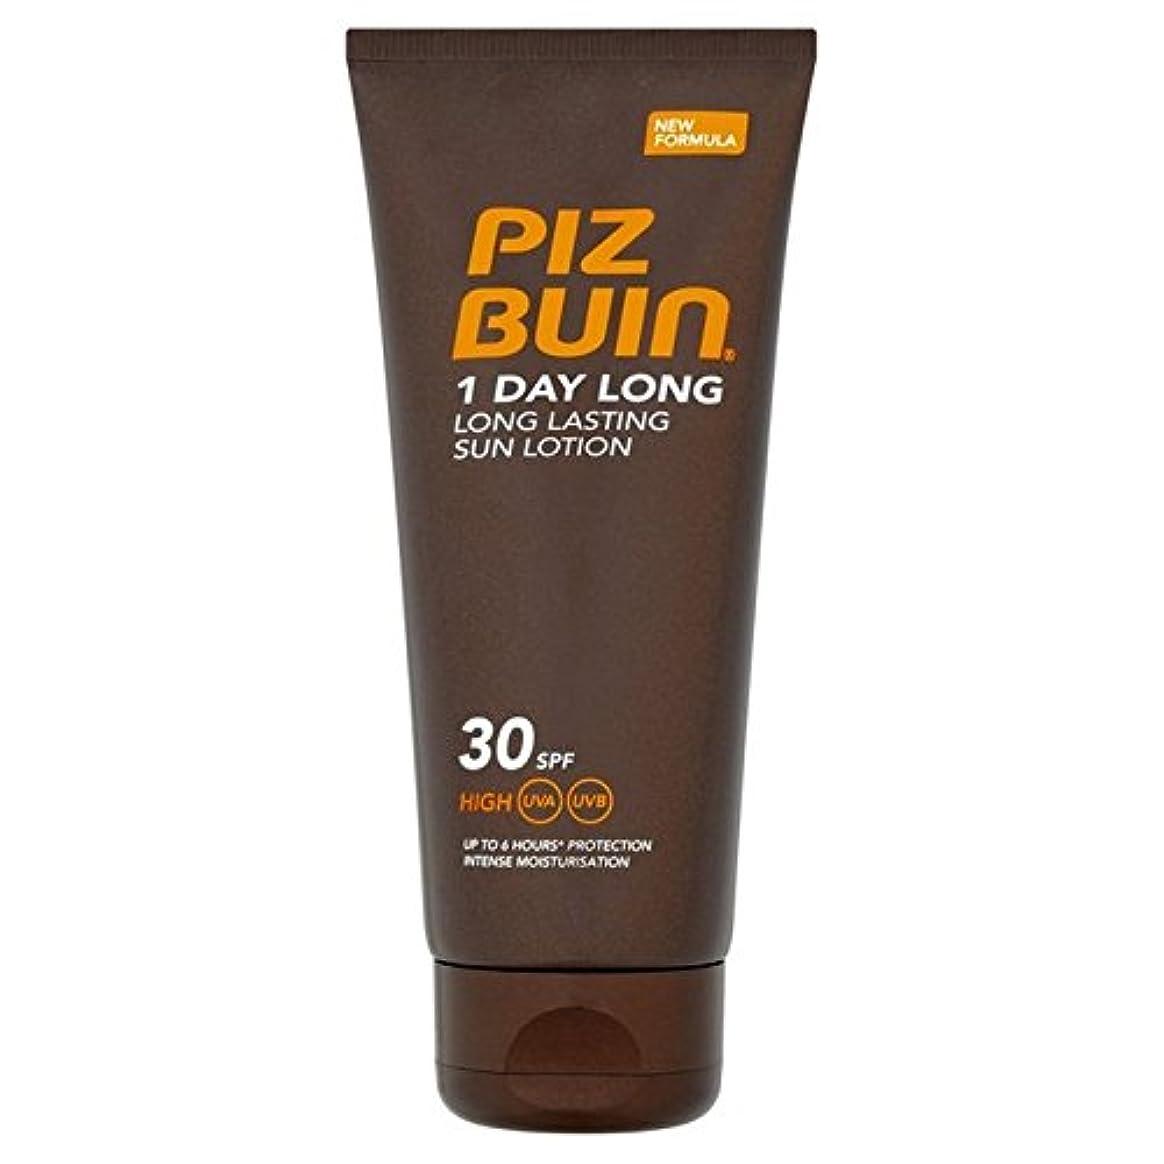 スロット人柄倫理Piz Buin 1 Day Long Protection Lotion SPF 30 100ml (Pack of 6) - ピッツブーイン1日長い保護ローション 30 100ミリリットル x6 [並行輸入品]